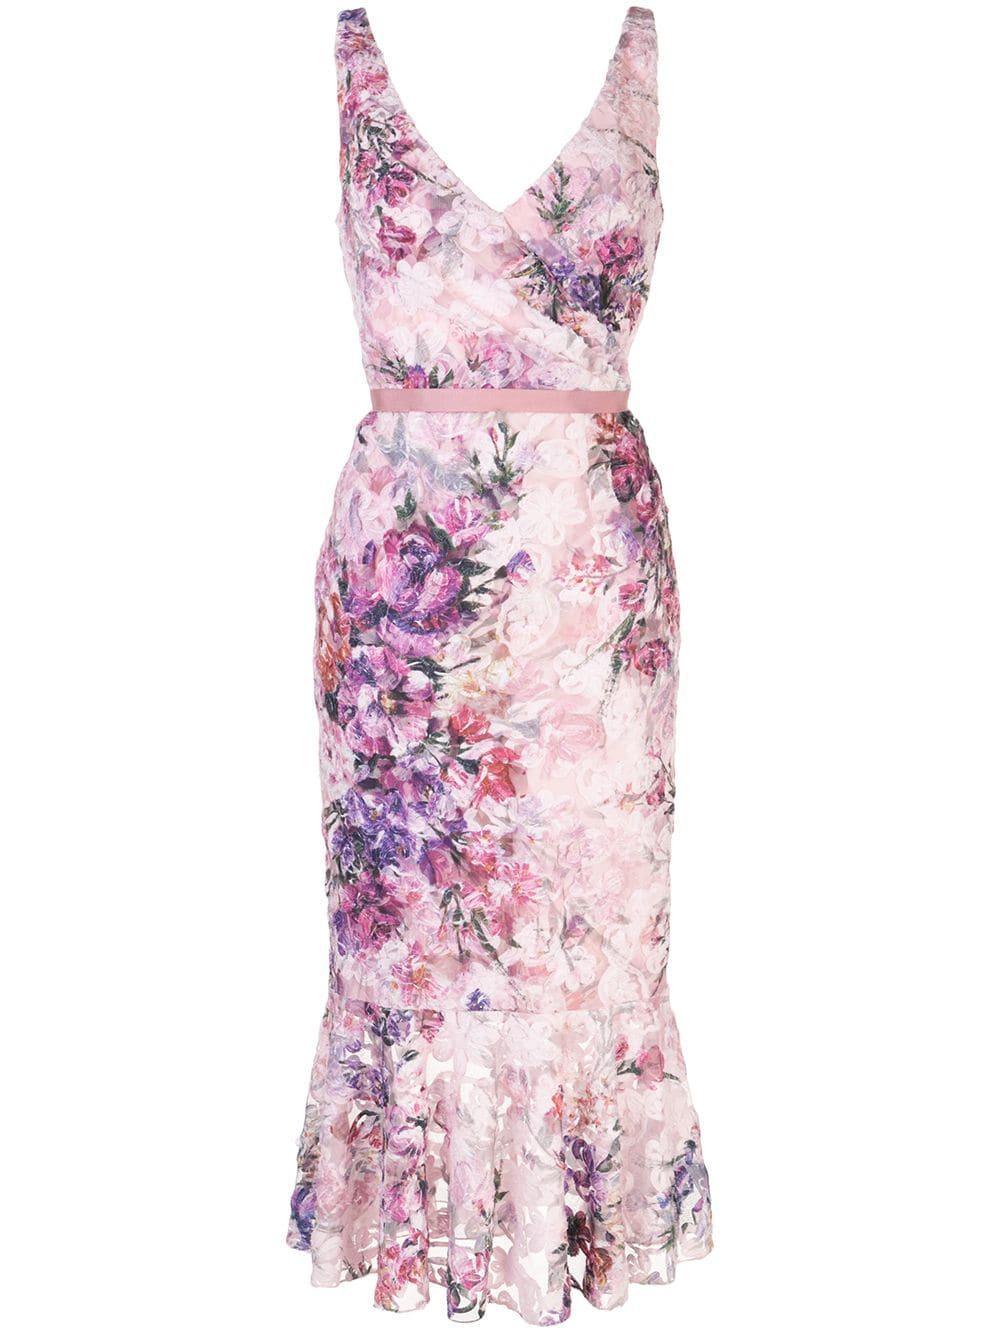 Floral Printed Dress Item # N40C1973